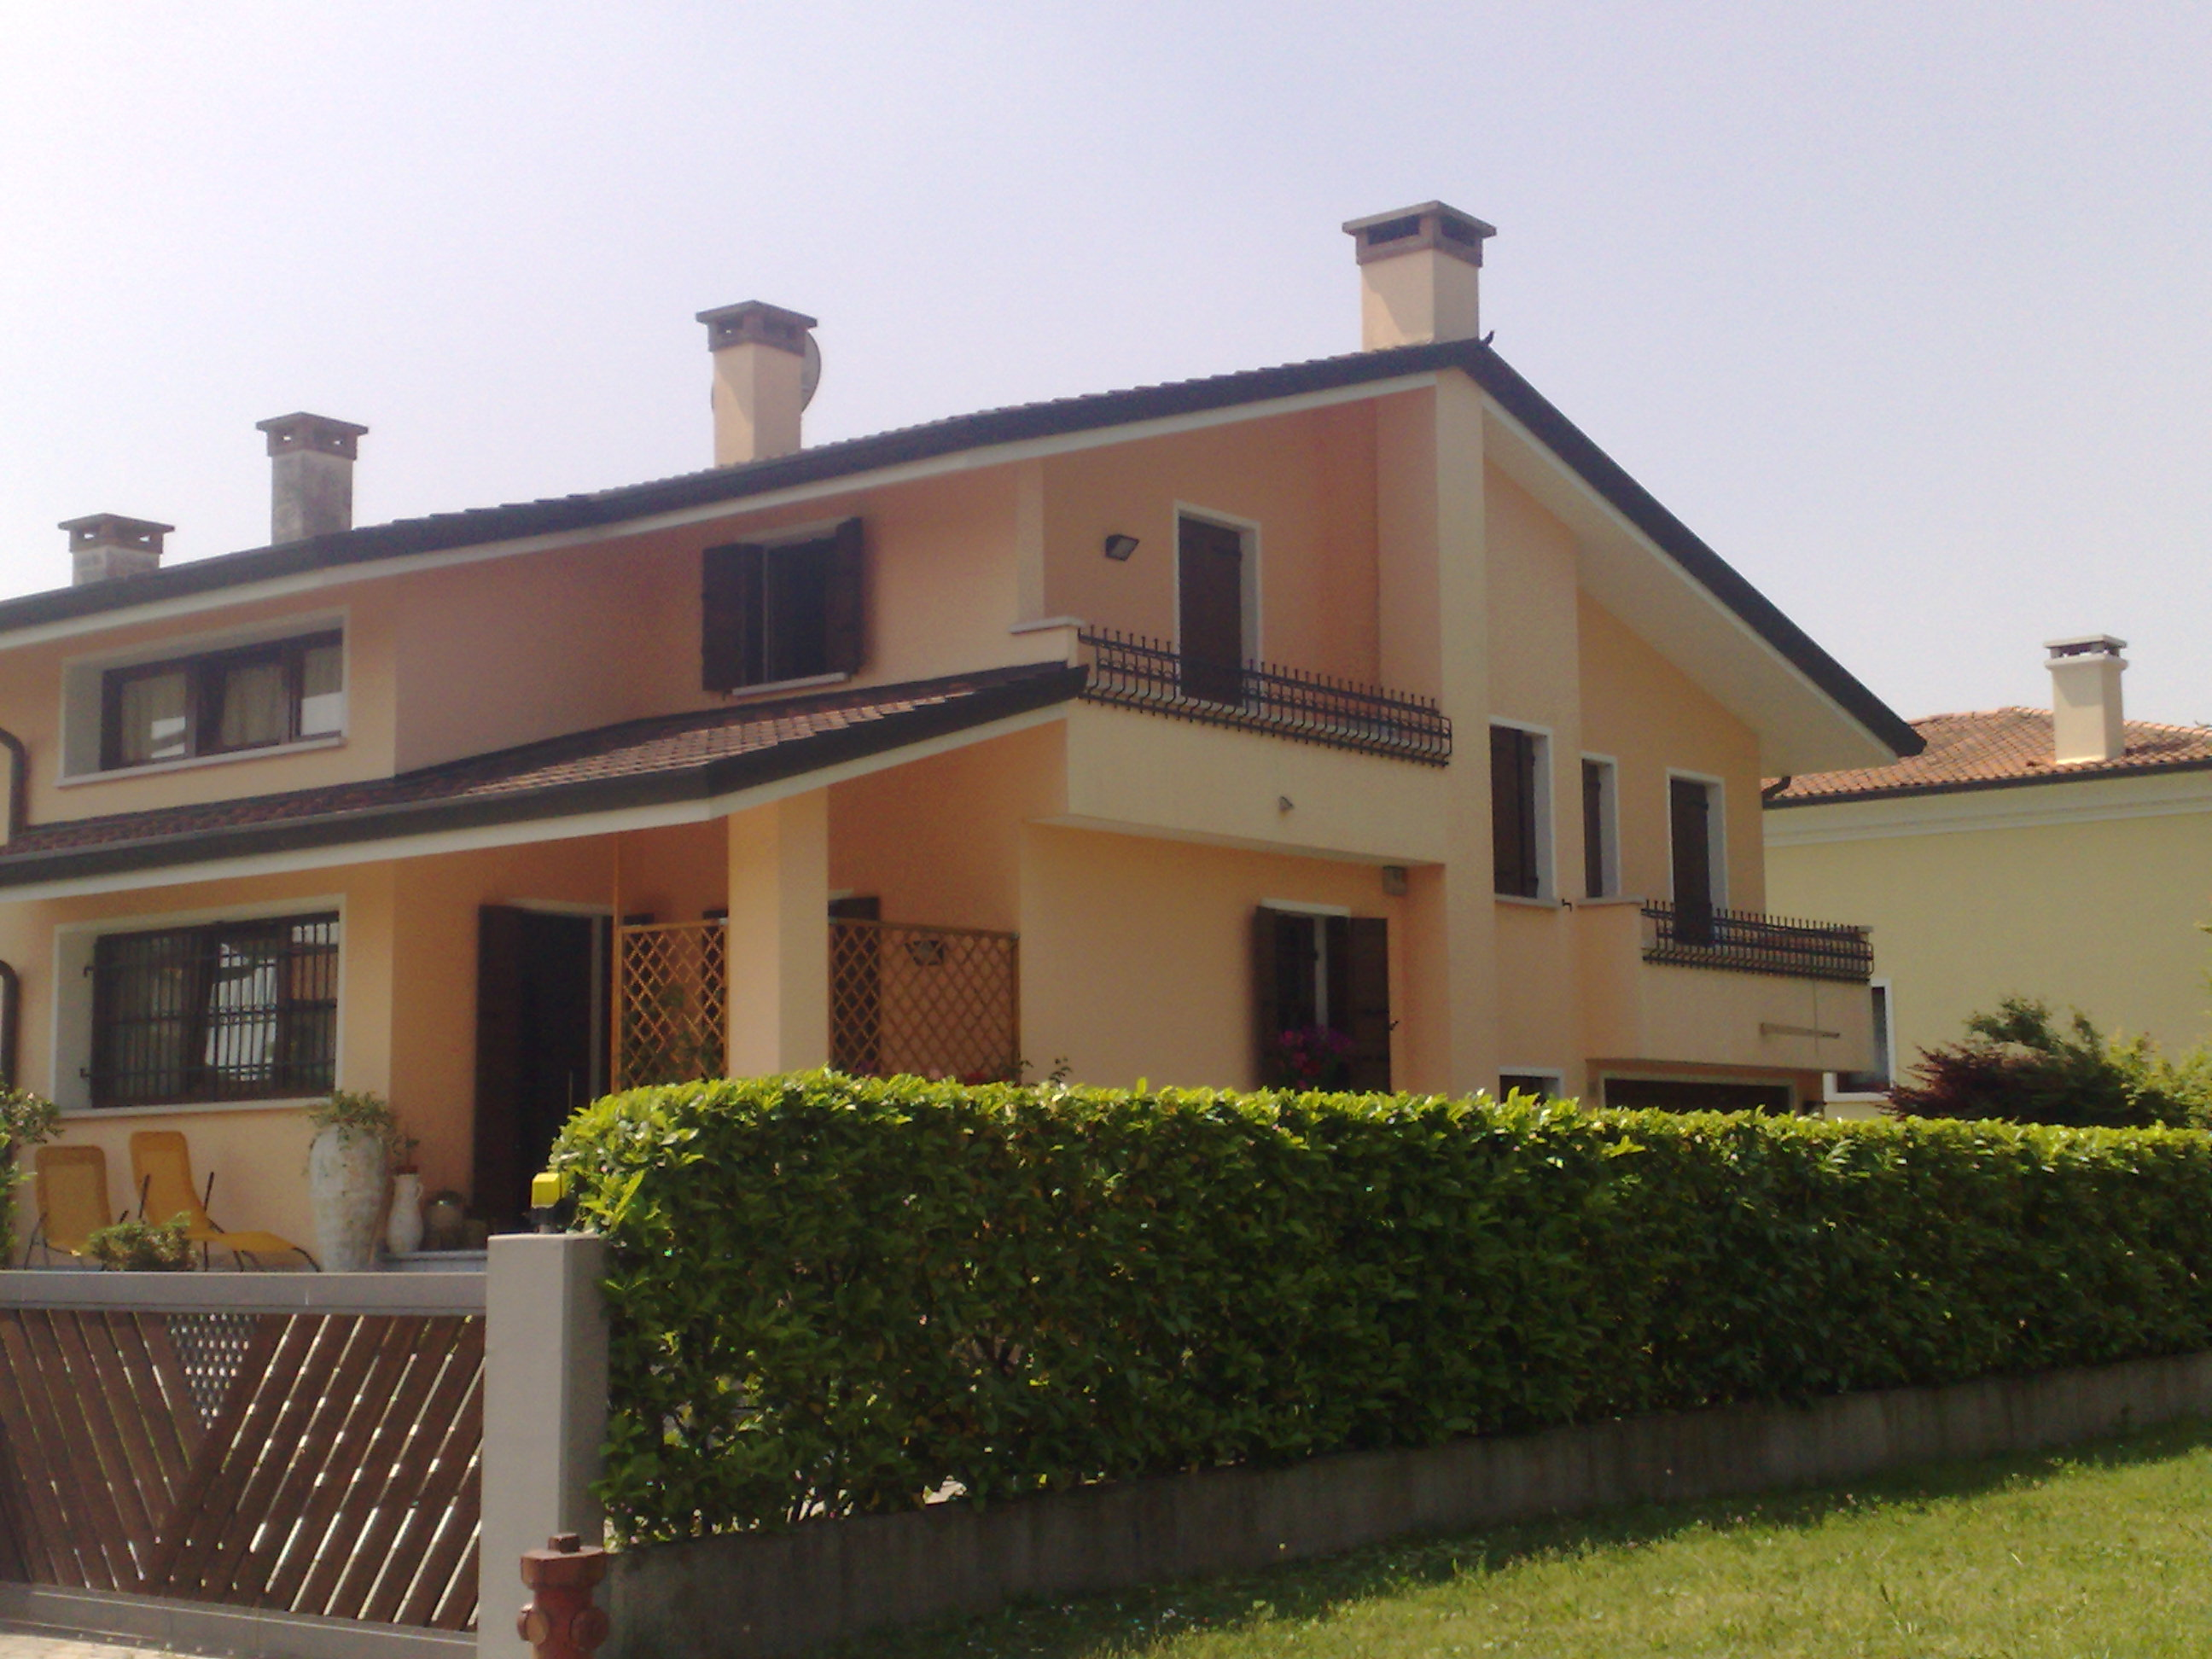 VBIF.1026 – BIFAMILIARE -MOTTINELLO DI GALLIERA VENETA